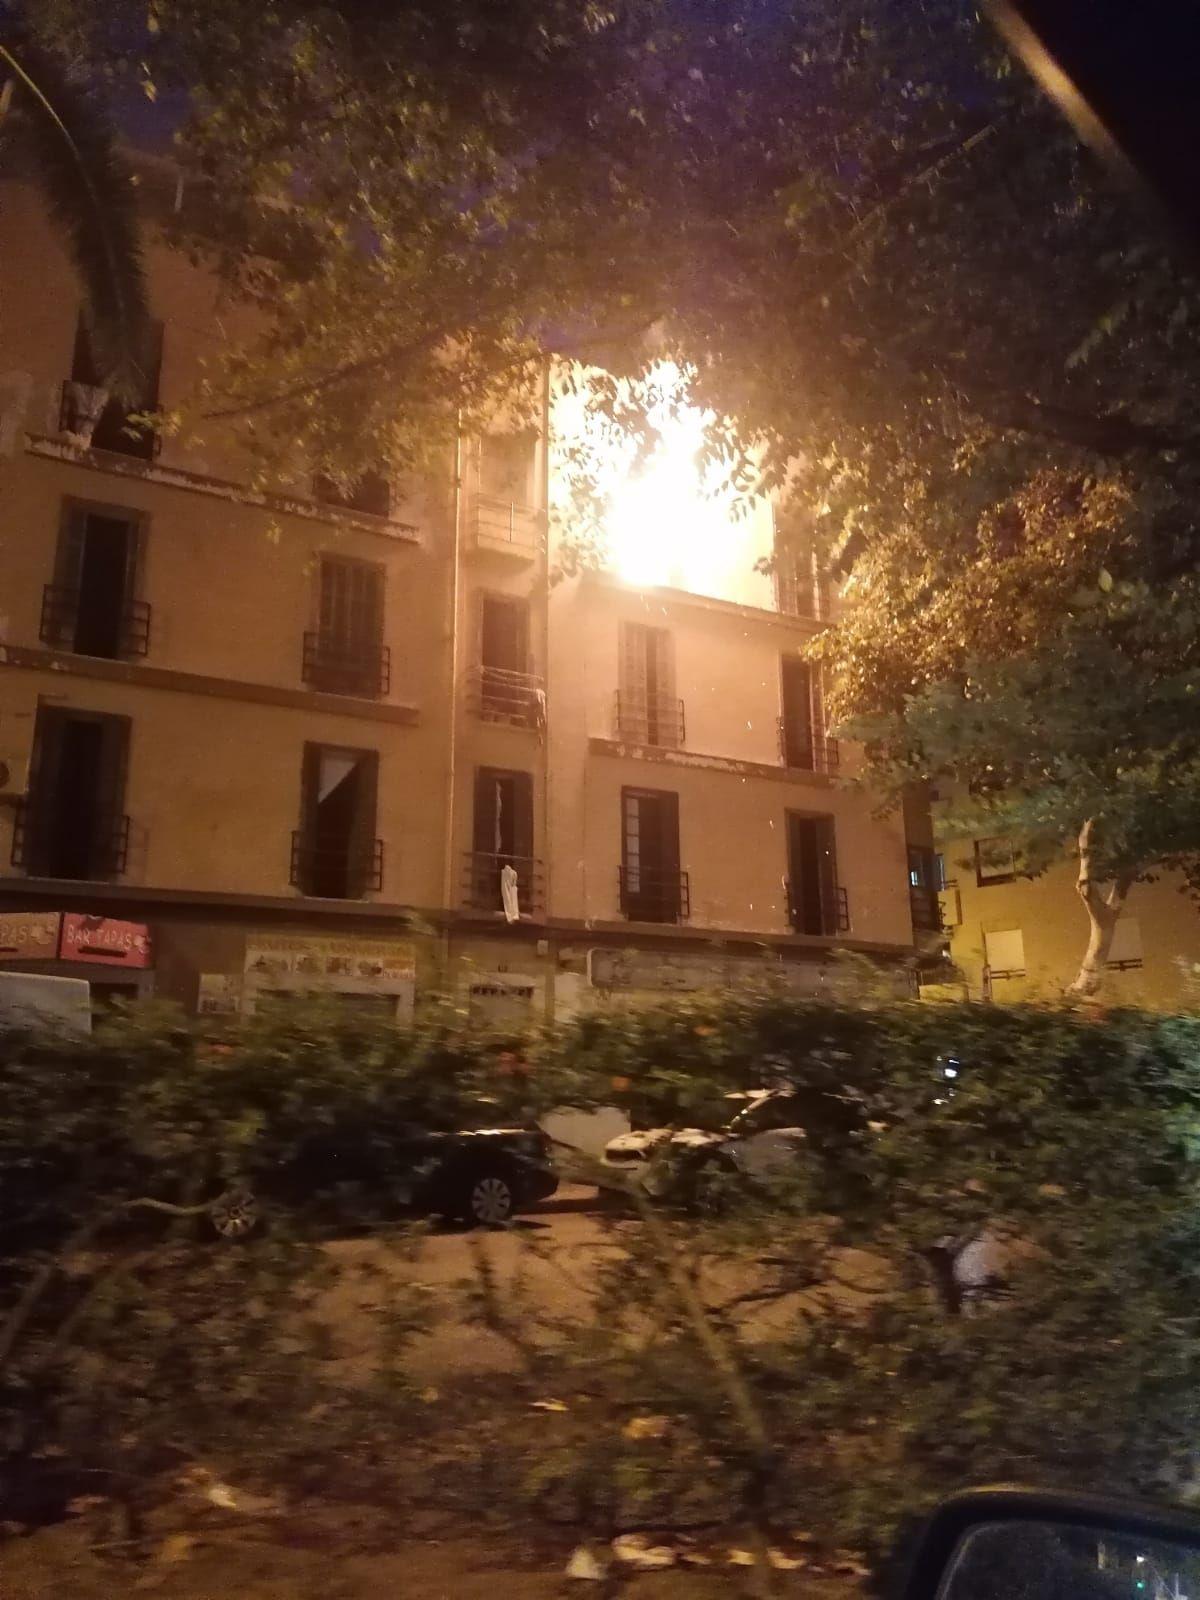 Arde un edificio okupado de la calle Manacor, en Palma